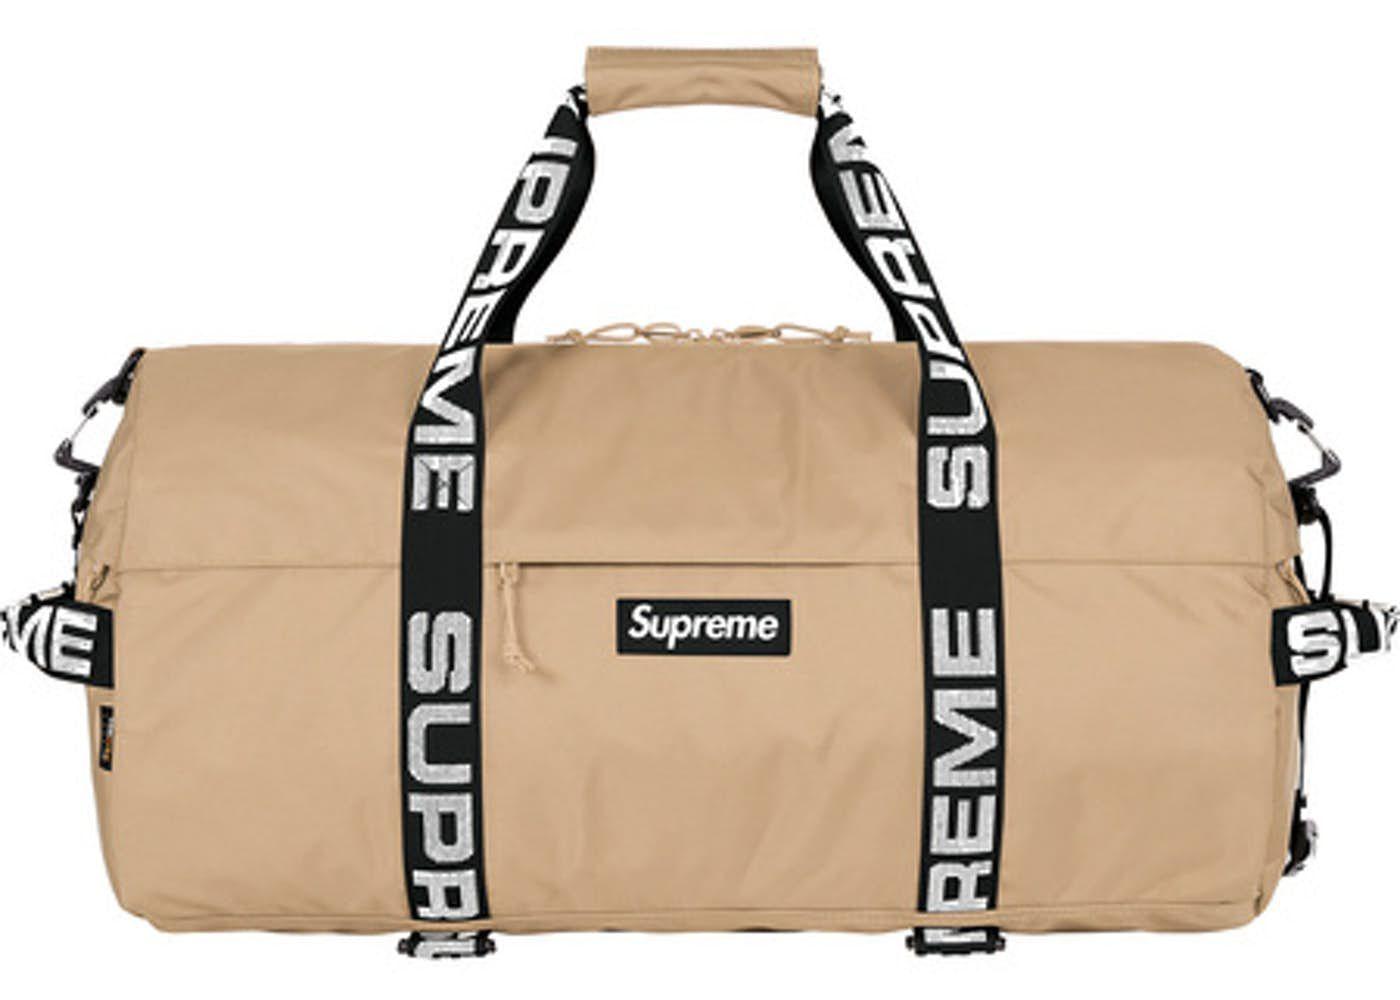 bd0c54f1ed Supreme Duffle Bag (SS18) Tan | fashion | Bags, Travel bags, Luggage ...